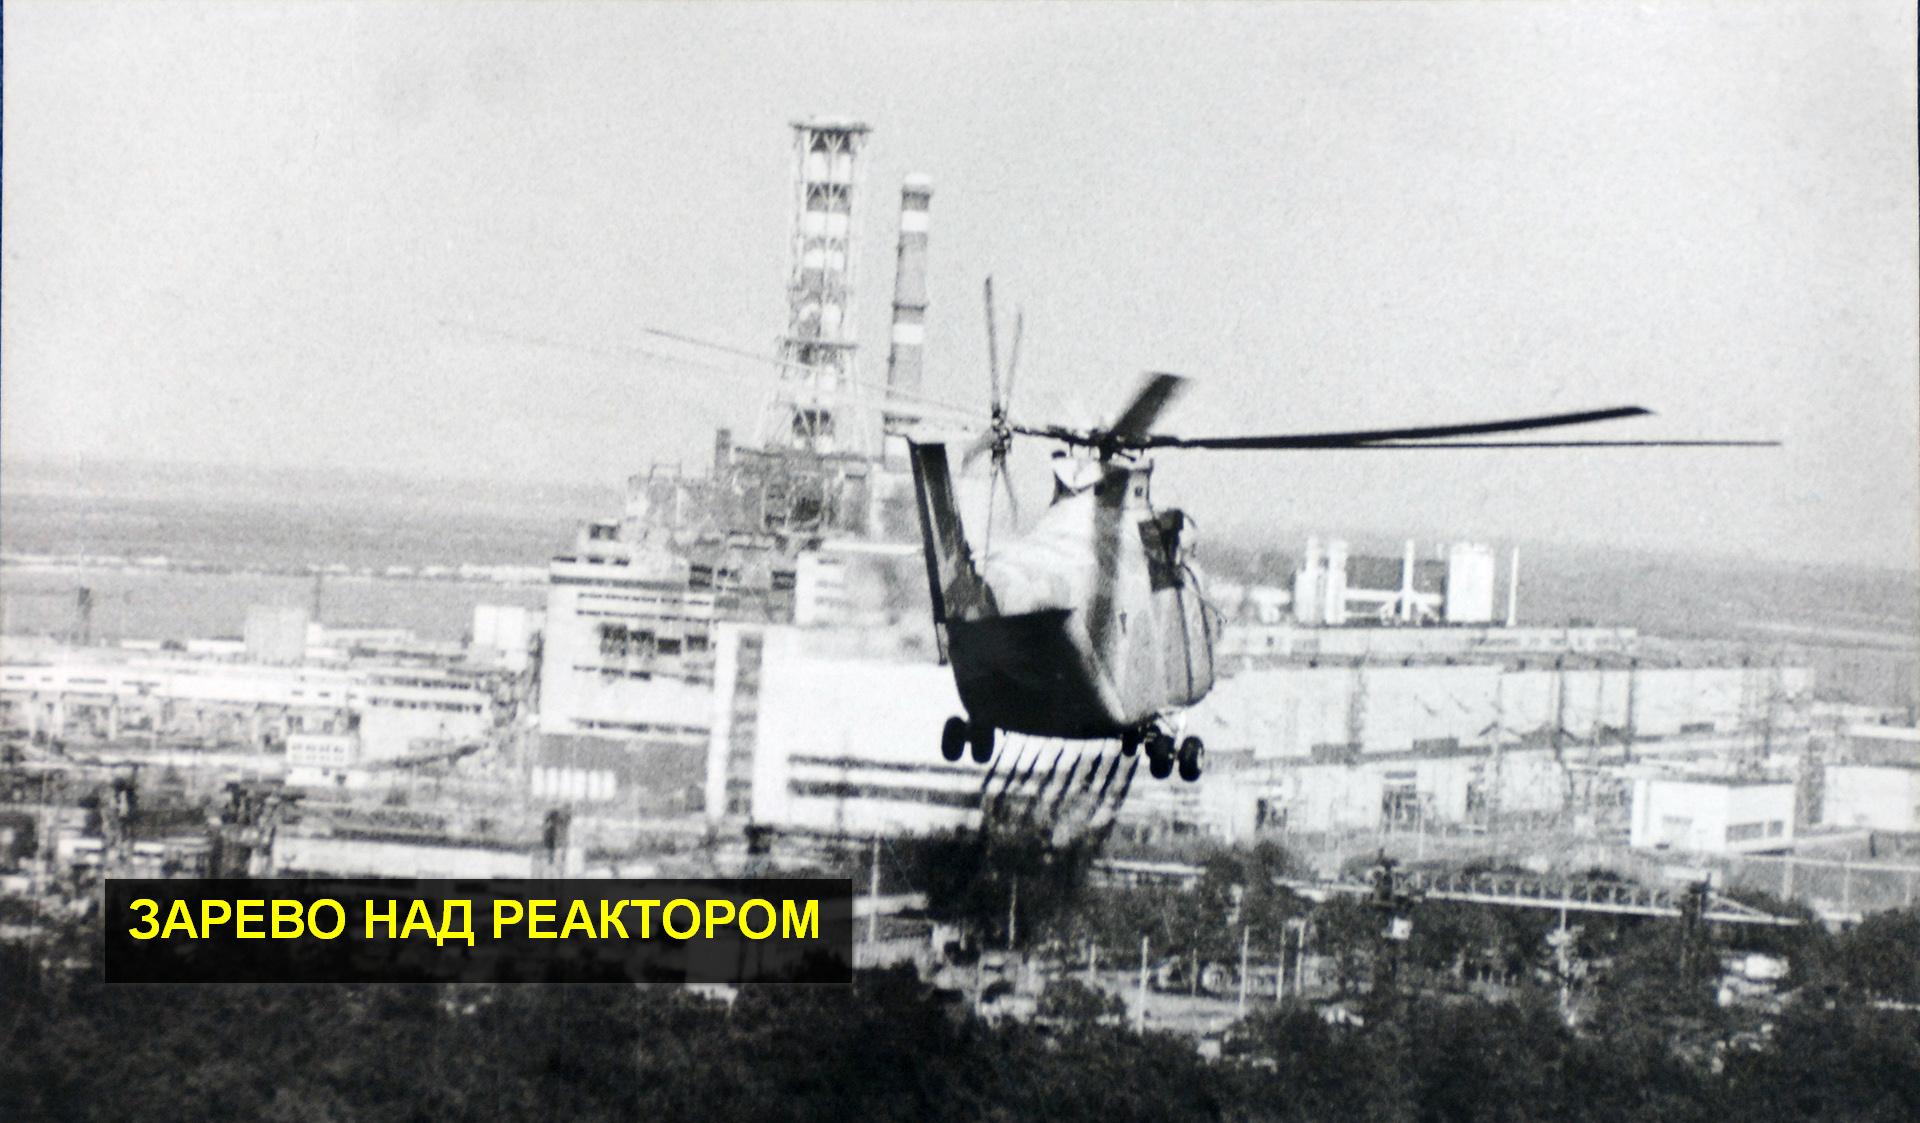 Зарево над реактором